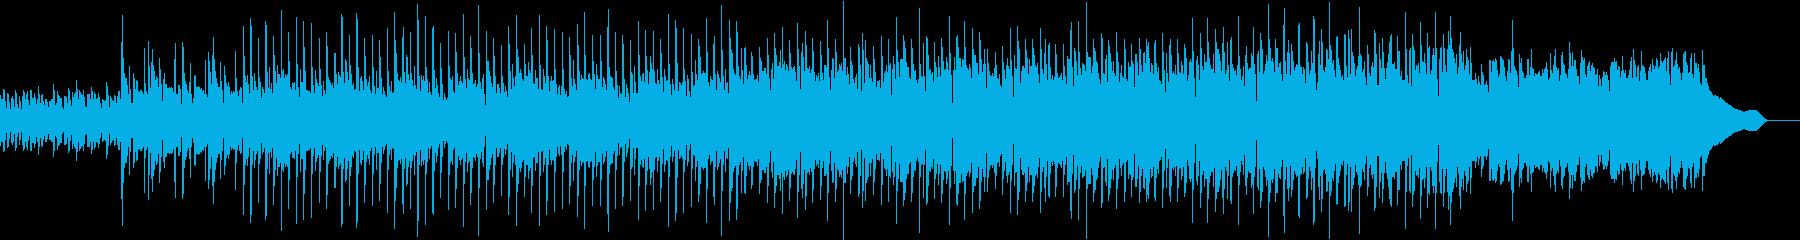 ★爽やかで知的な雰囲気POPオーケストラの再生済みの波形